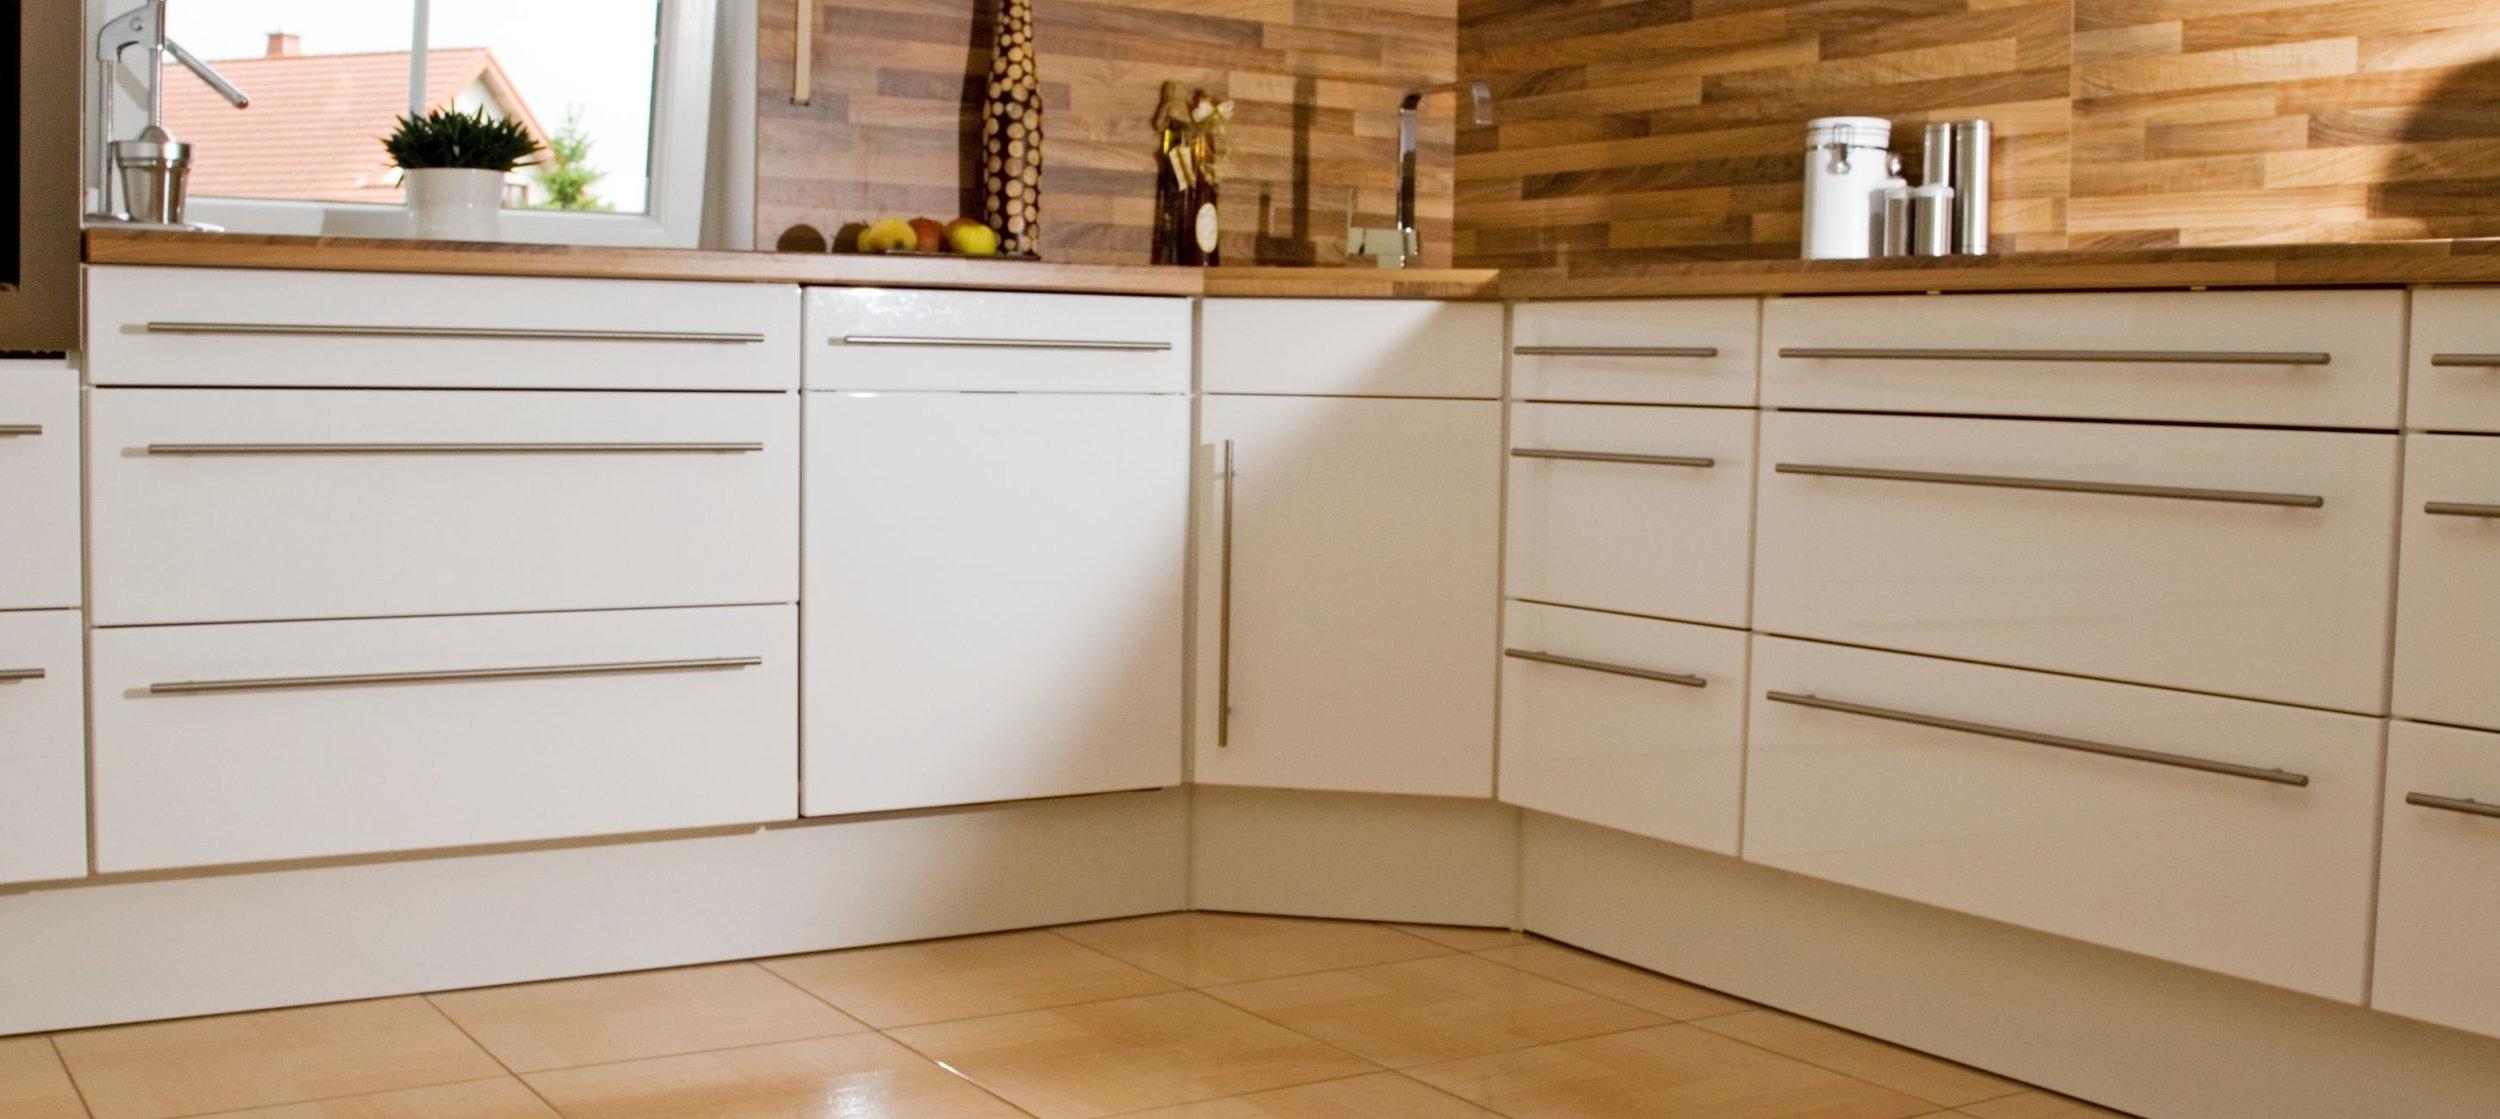 Kitchen Cupboards 2-2.jpg